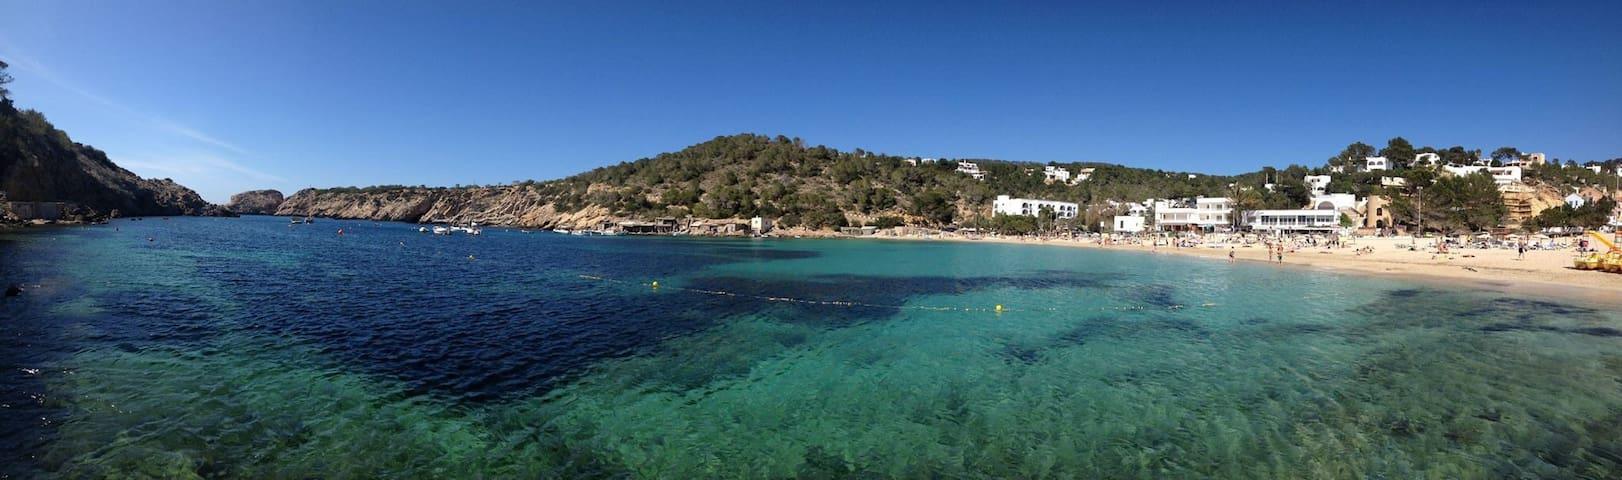 Rent apartment Ibiza - Sant Josep de sa Talaia - Apartamento